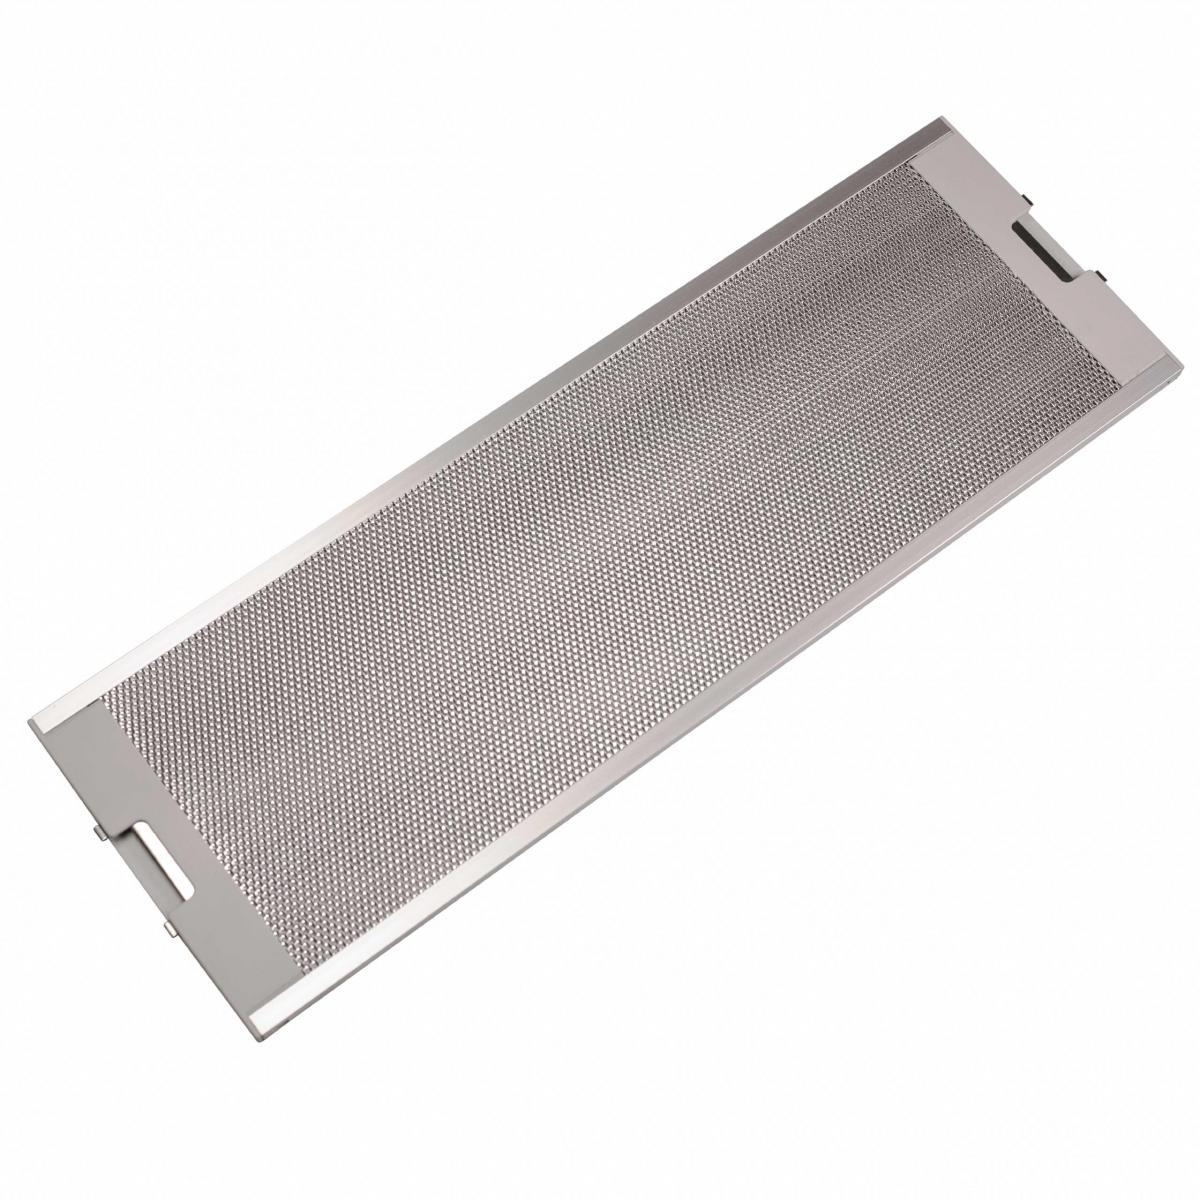 Vhbw vhbw Filtre Permanent Filtre à Graisse Métallique compatible avec Imperial DMA 64/4 001, DMA 64/4 002, DMA 64/4 EL Hotte